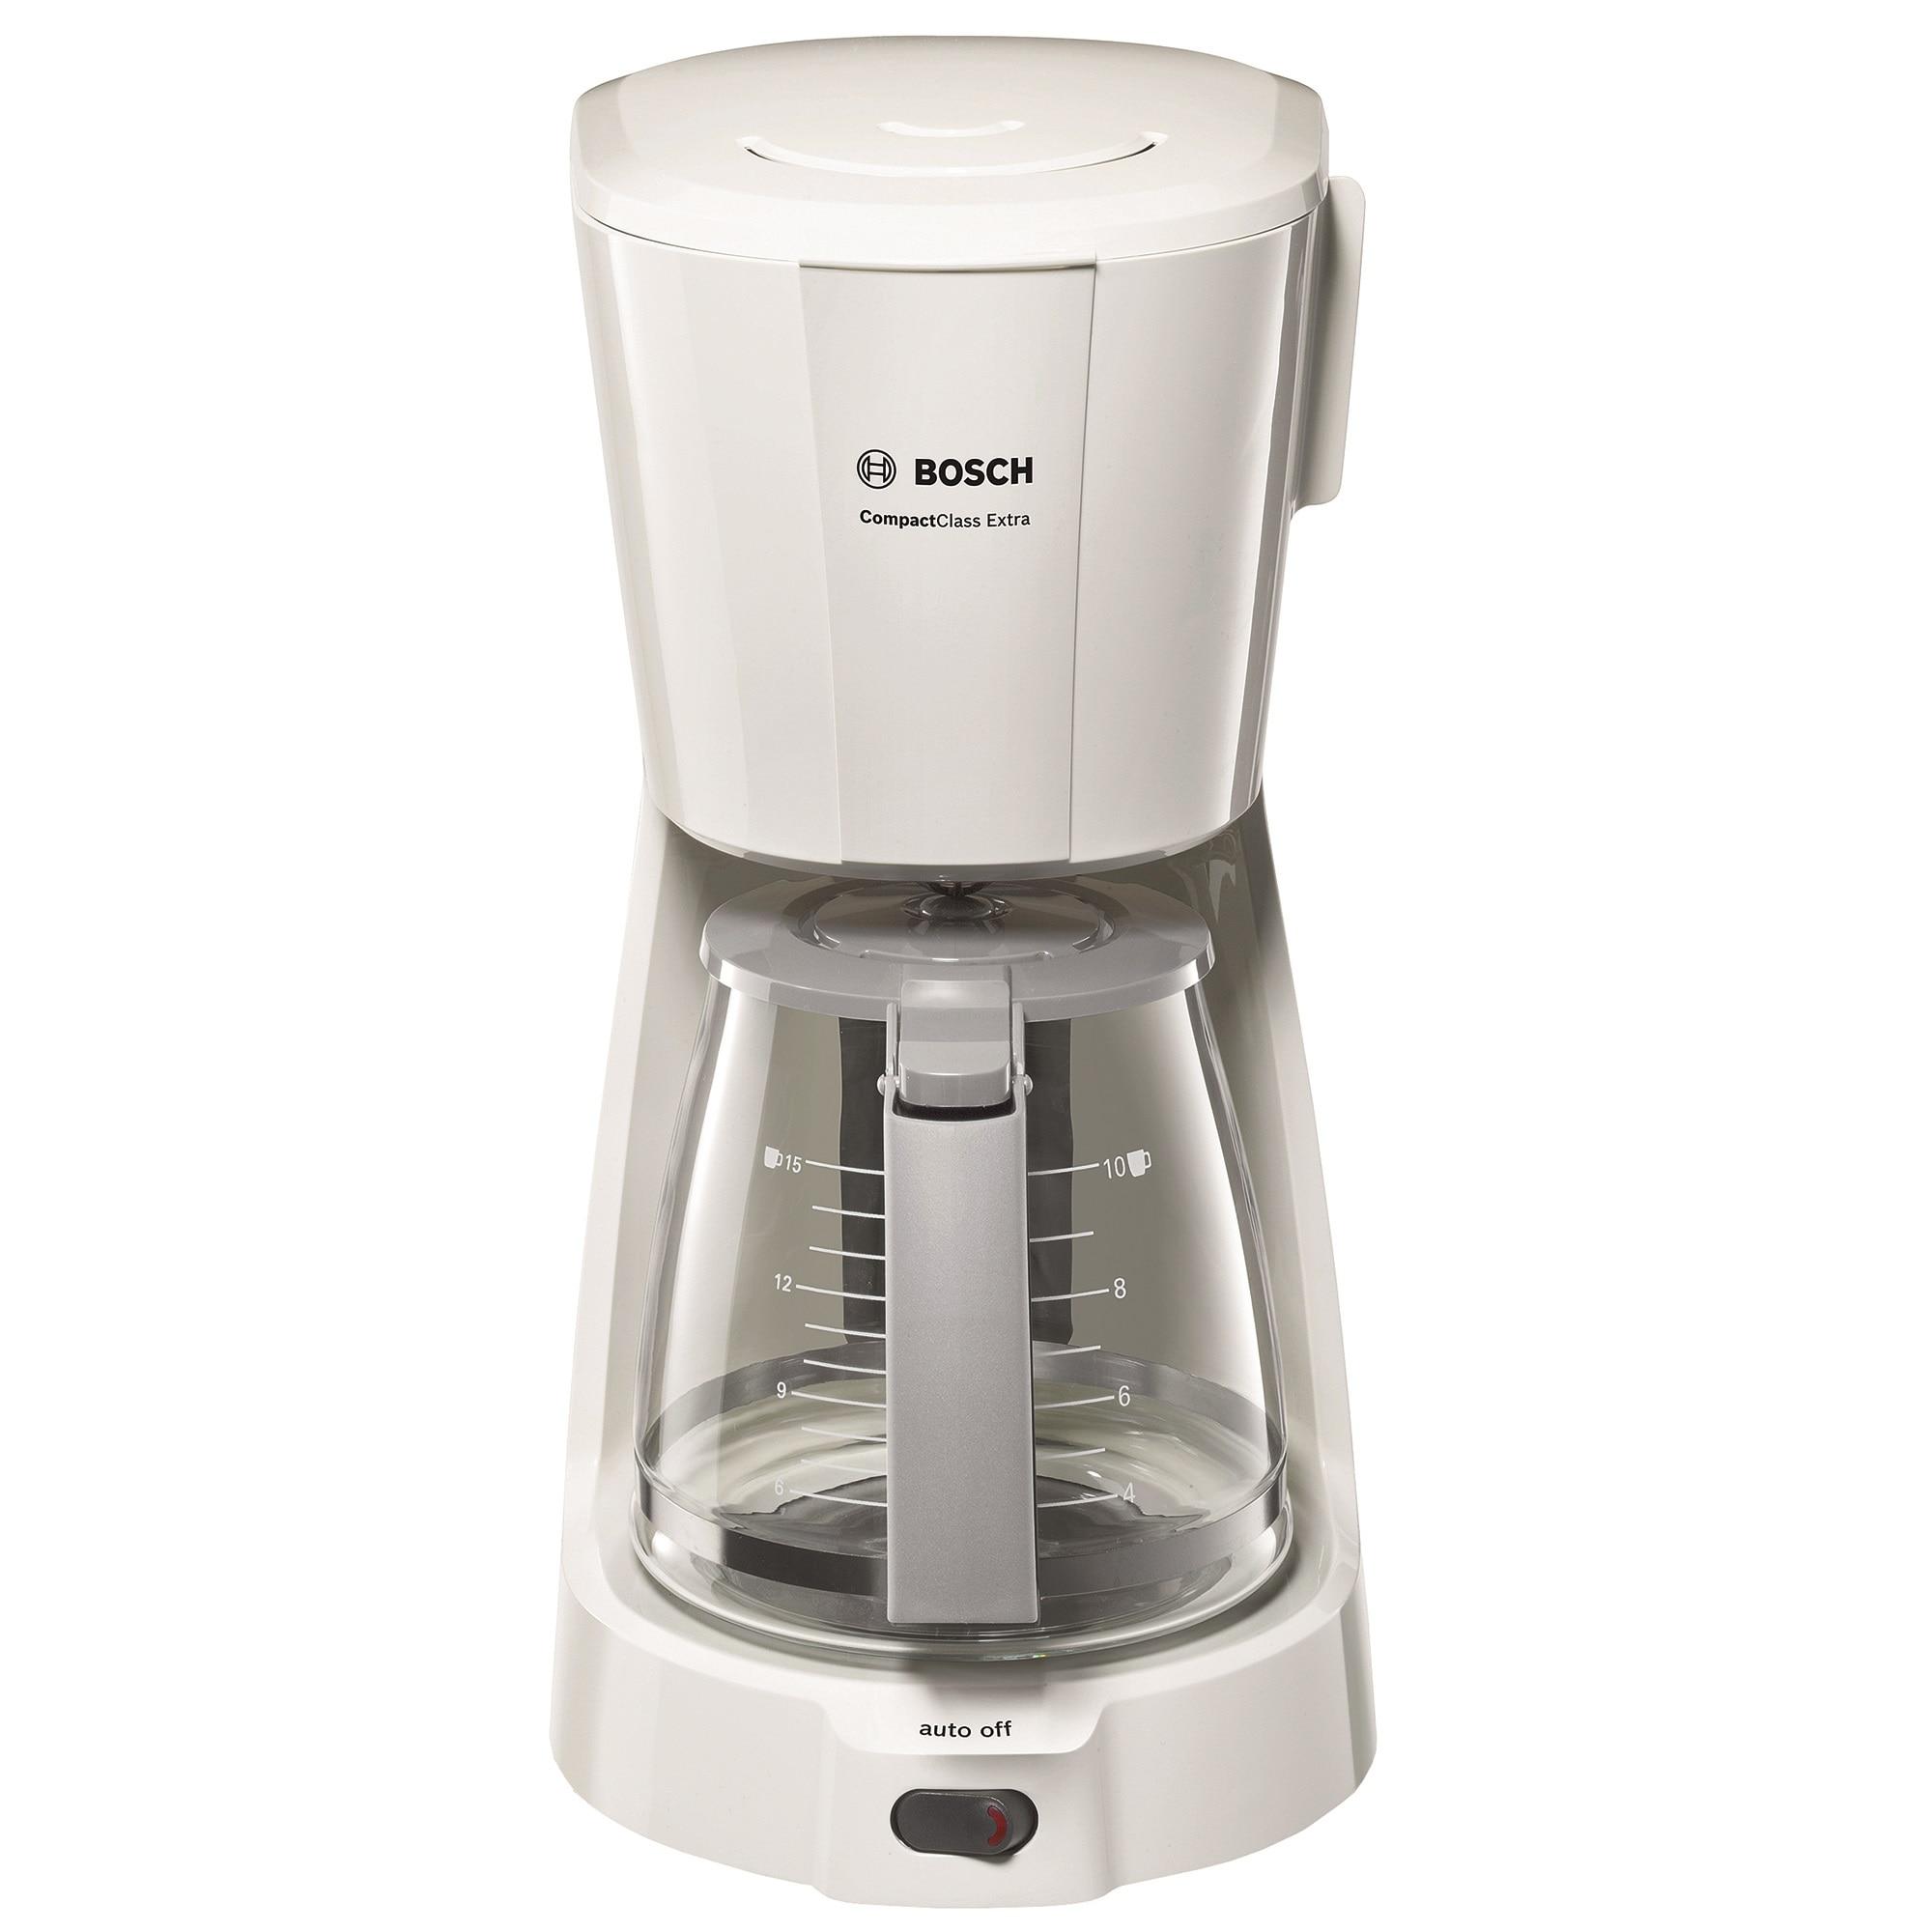 Fotografie Cafetiera Bosch CompactClass TKA3A031, 1.2 l, selector aroma, anti-picurare, oprire automata, alb